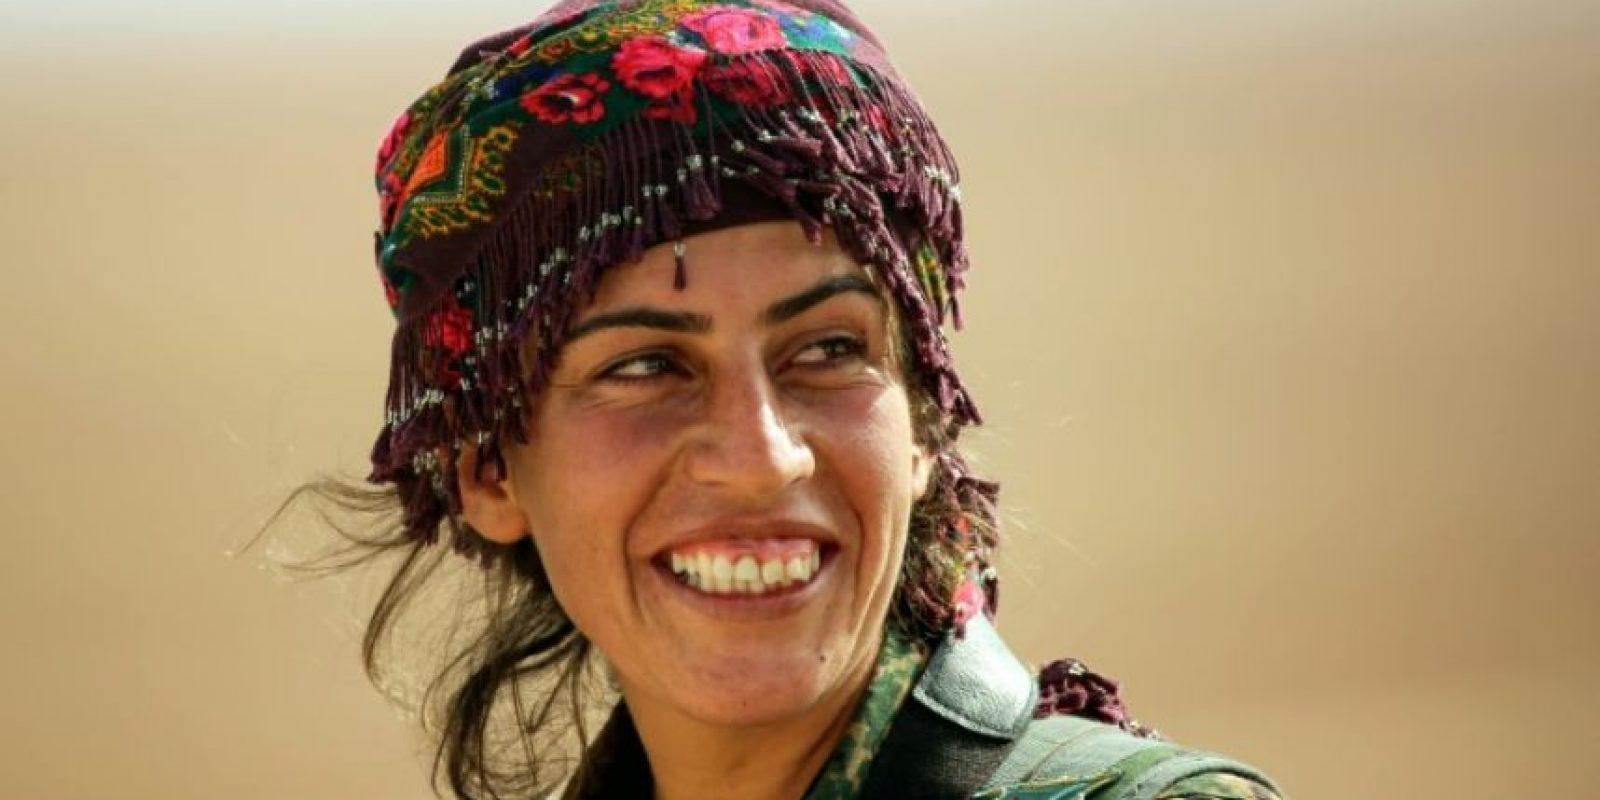 Shirin, combatiente de 25 años, sonríe desde la azotea de un edificio en Mazraat Jaled, a 40 kilómetros de Raqa, capital de facto del grupo yihadista EI, el 9 de noviembre de 2016 Foto:Delil Souleiman/afp.com